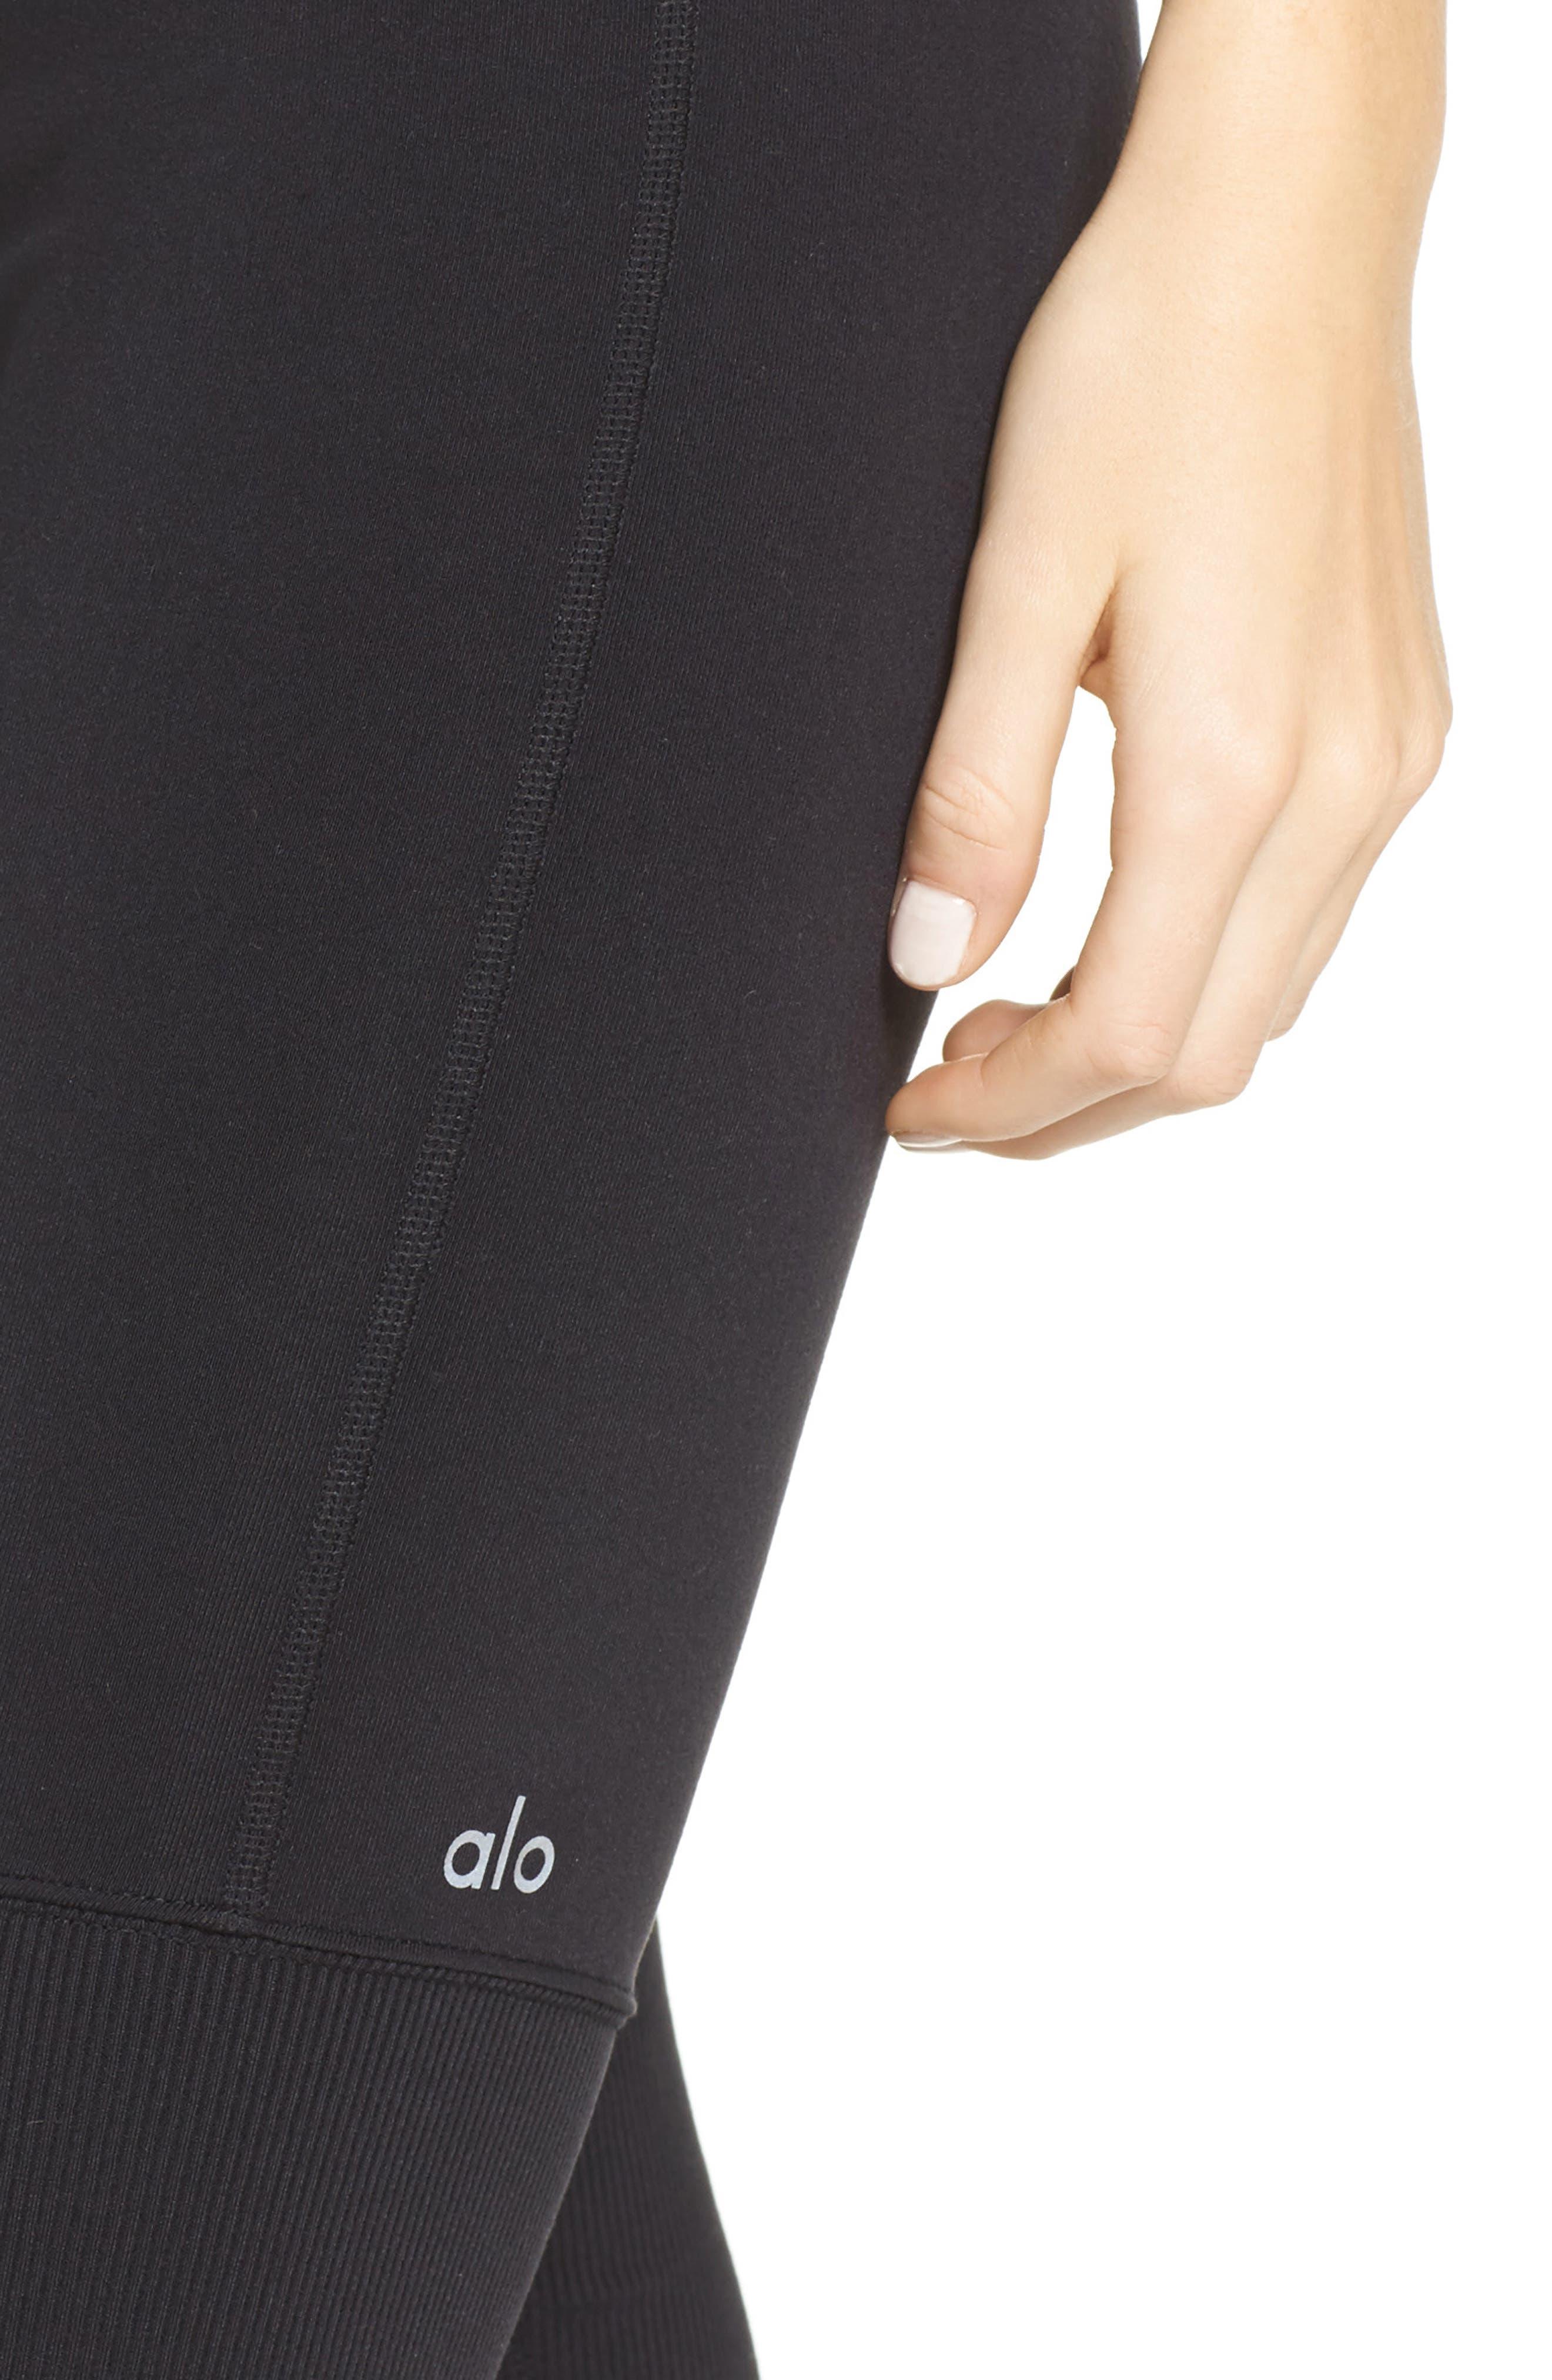 ALO, Goddess High Waist Leggings, Alternate thumbnail 5, color, BLACK/ BLACK